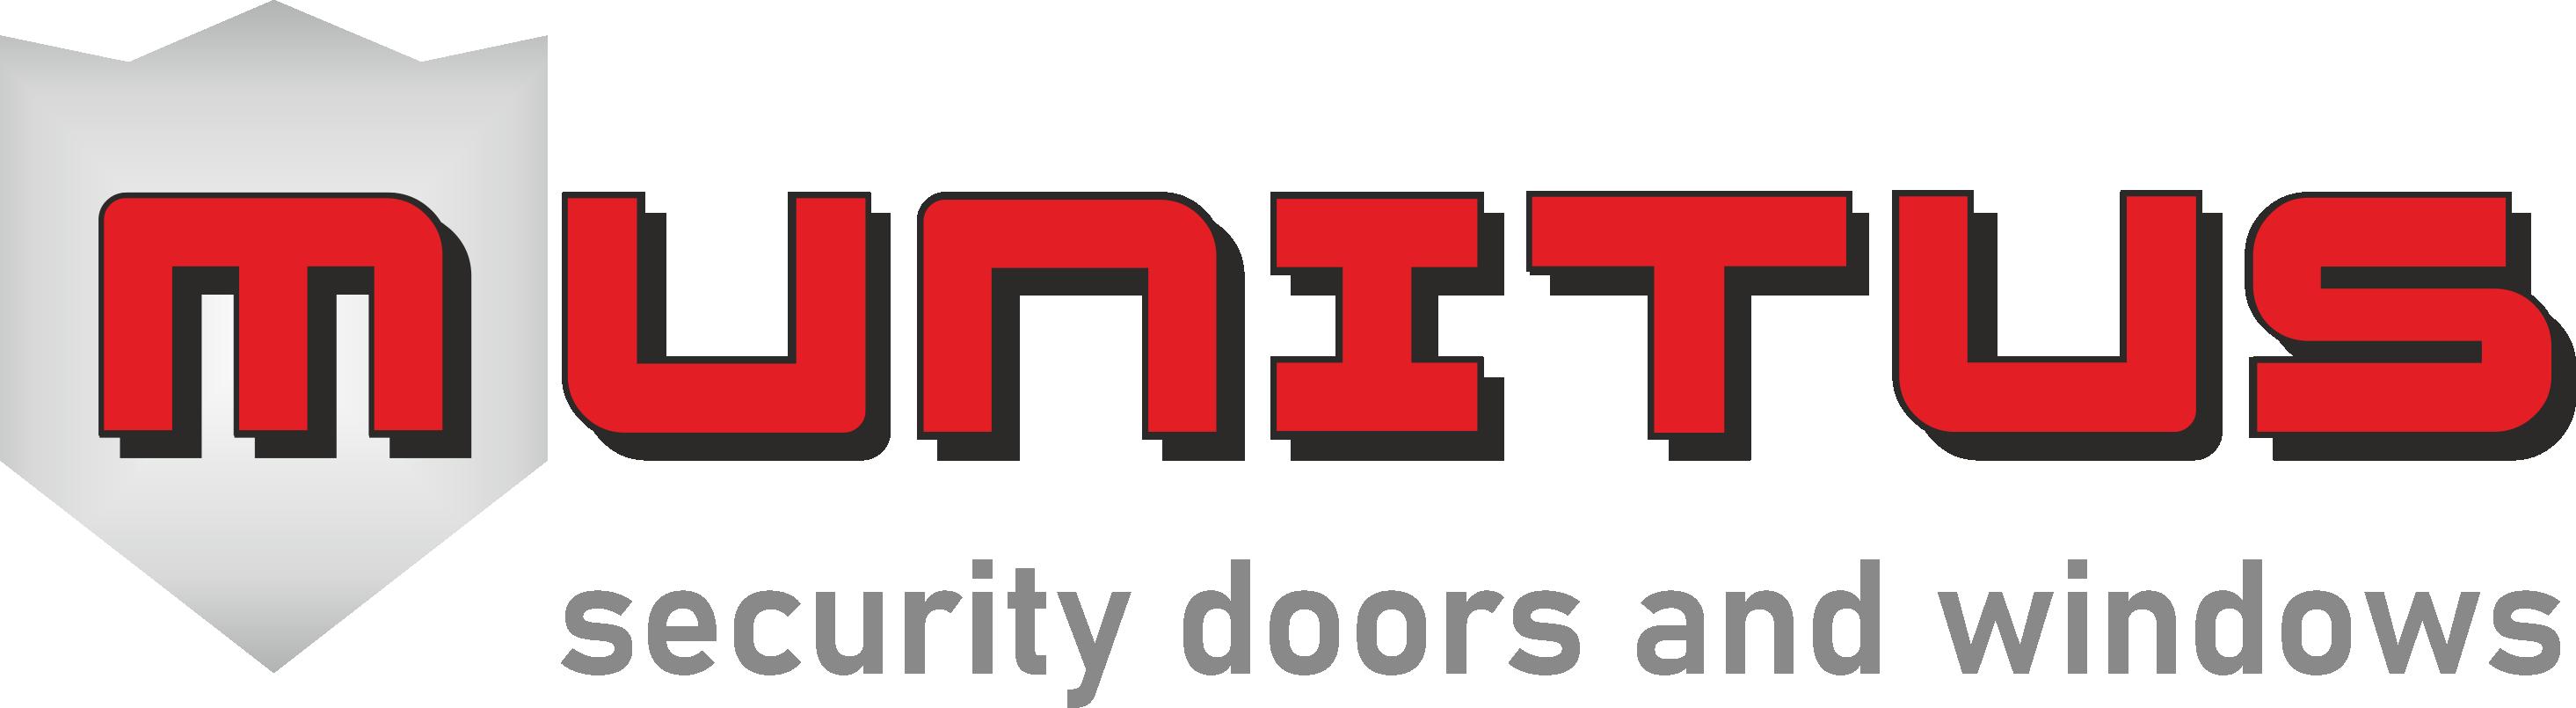 Munitussecurity.com